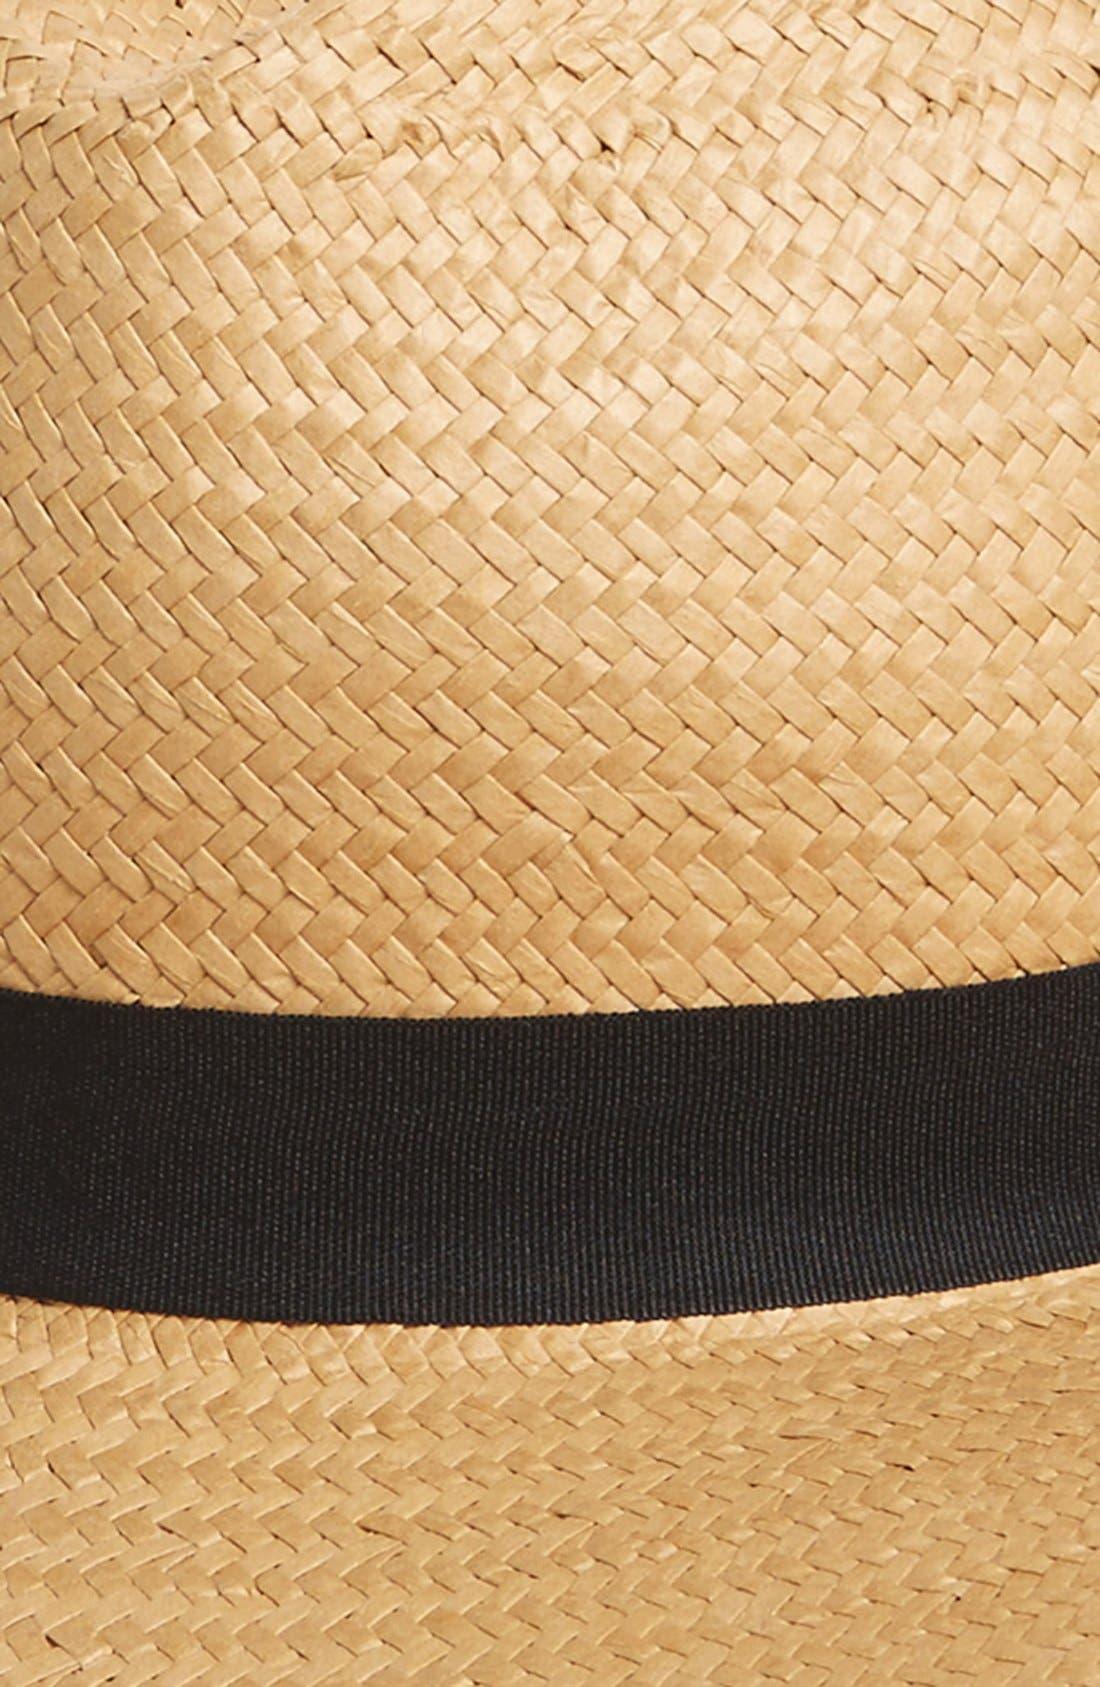 Alternate Image 2  - Phase 3 Straw Panama Hat